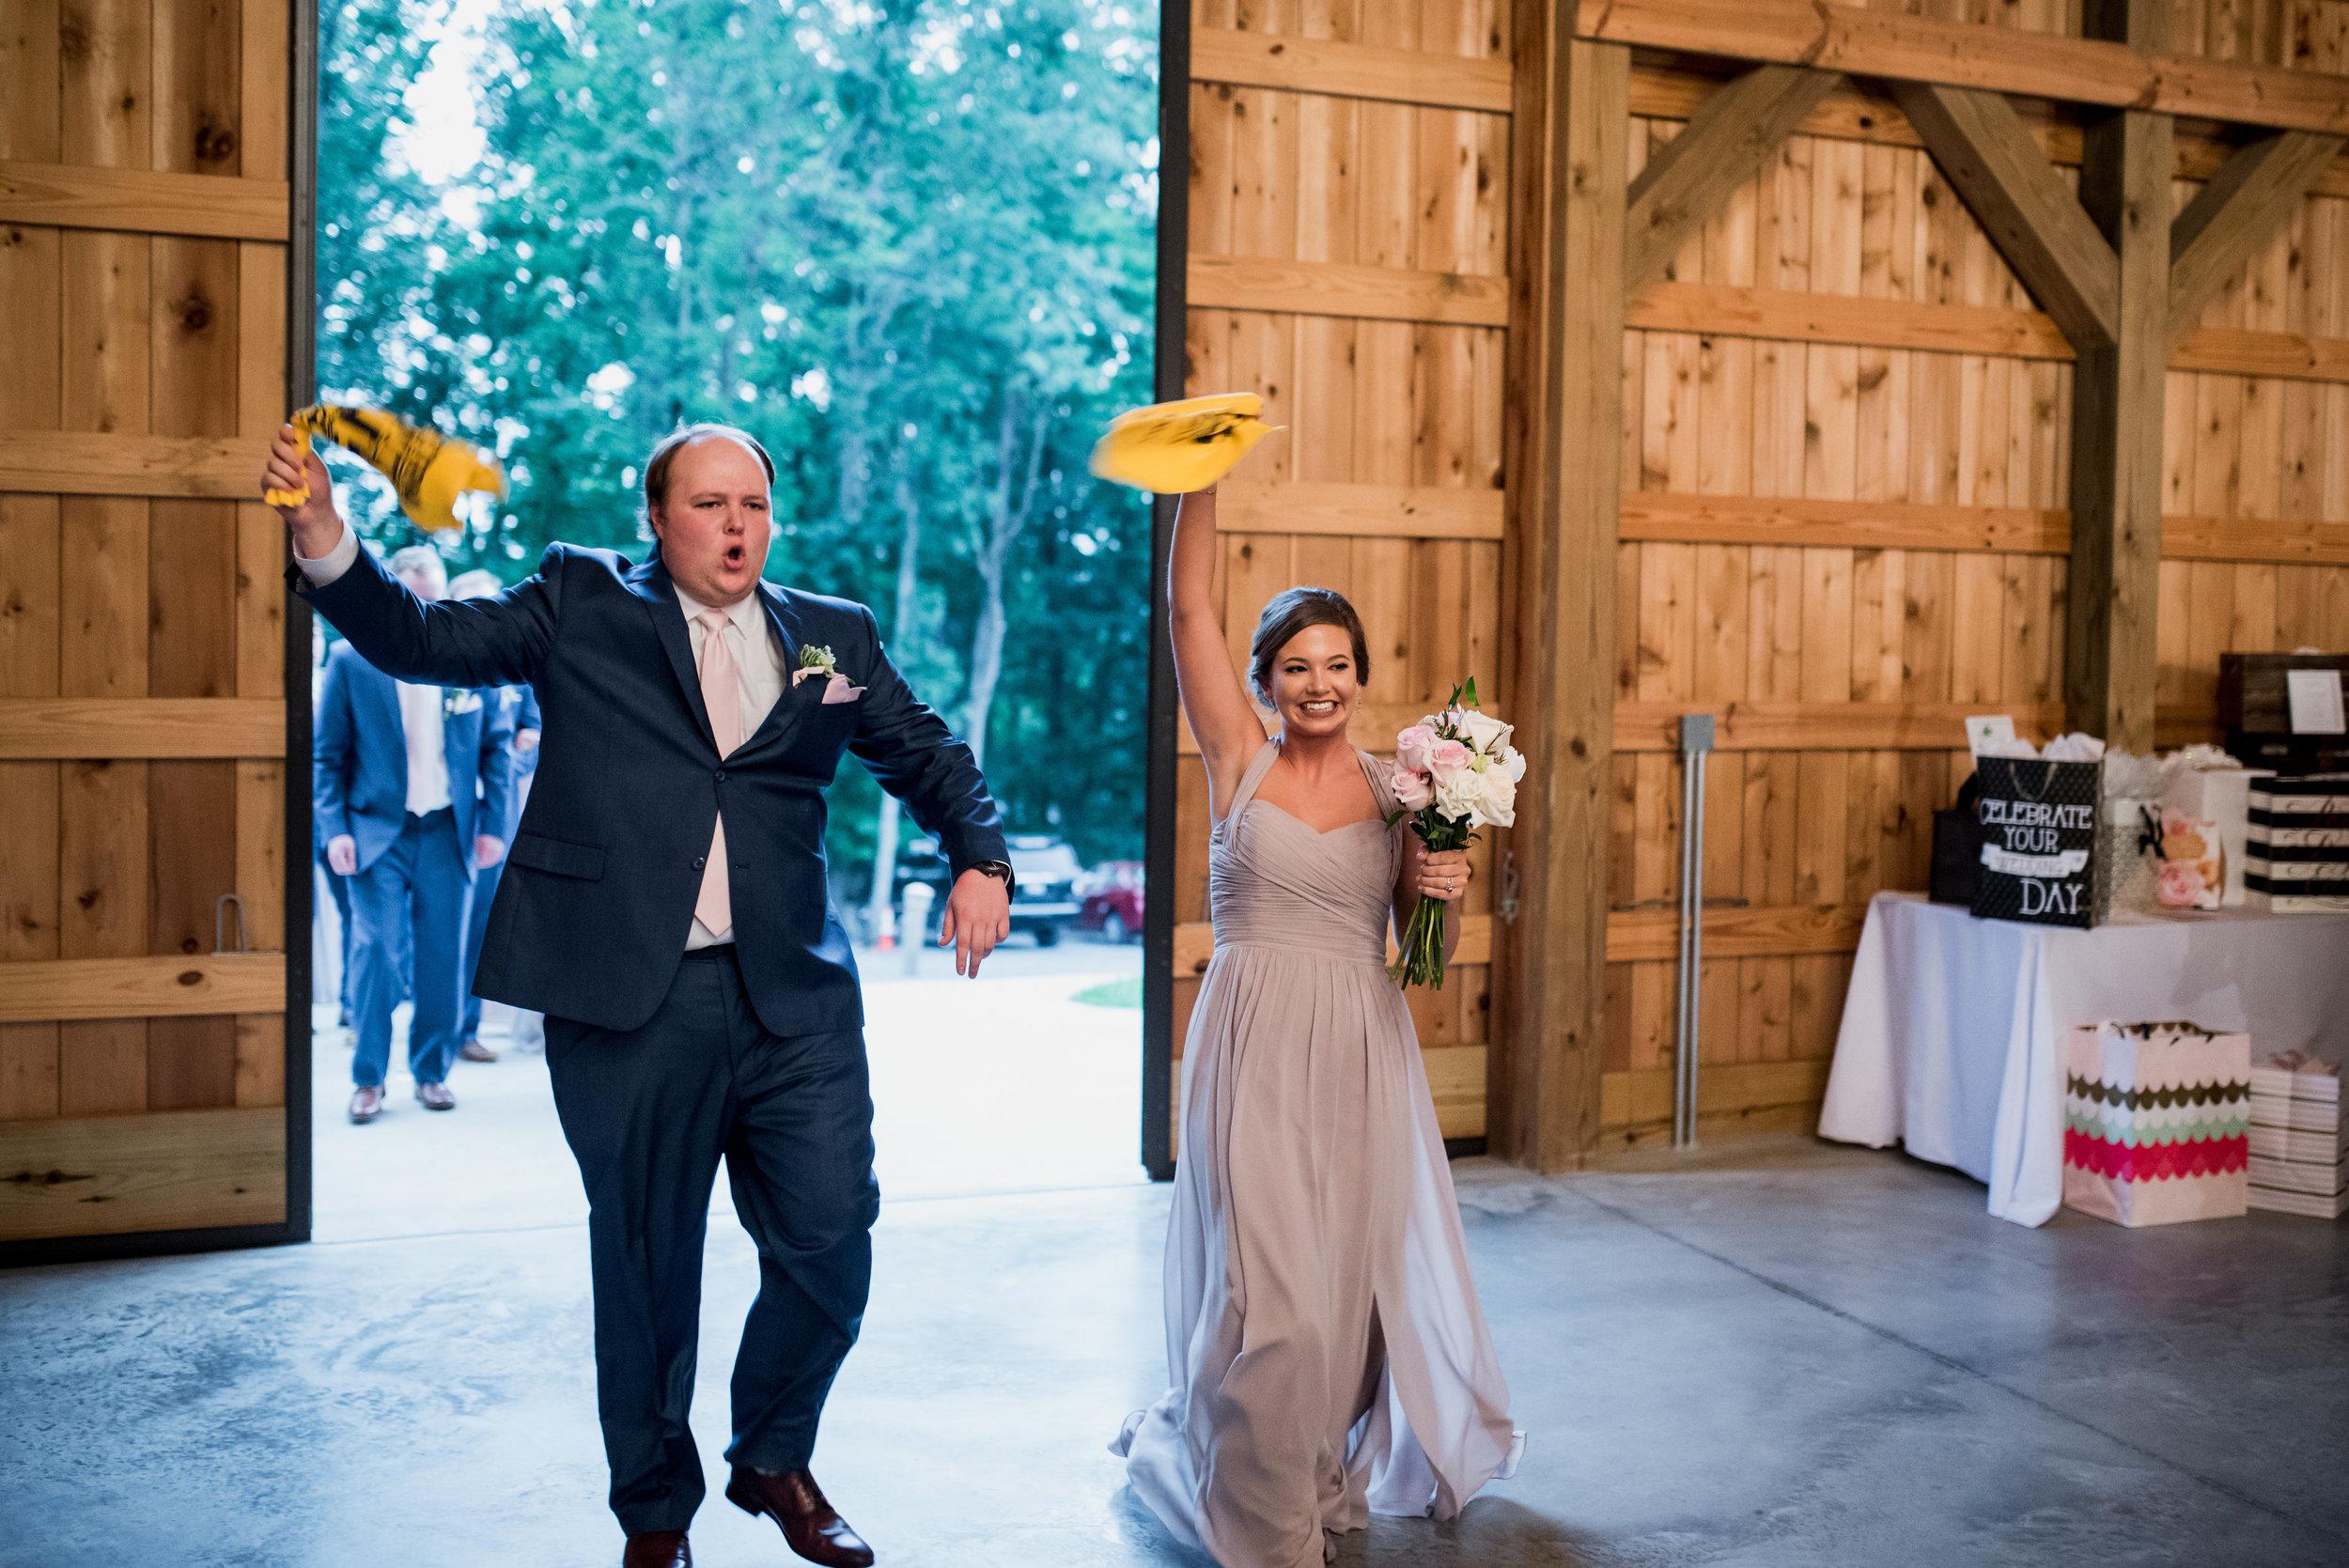 Saddlewood-Farms-Nashville-Wedding-Photographers-560.jpg